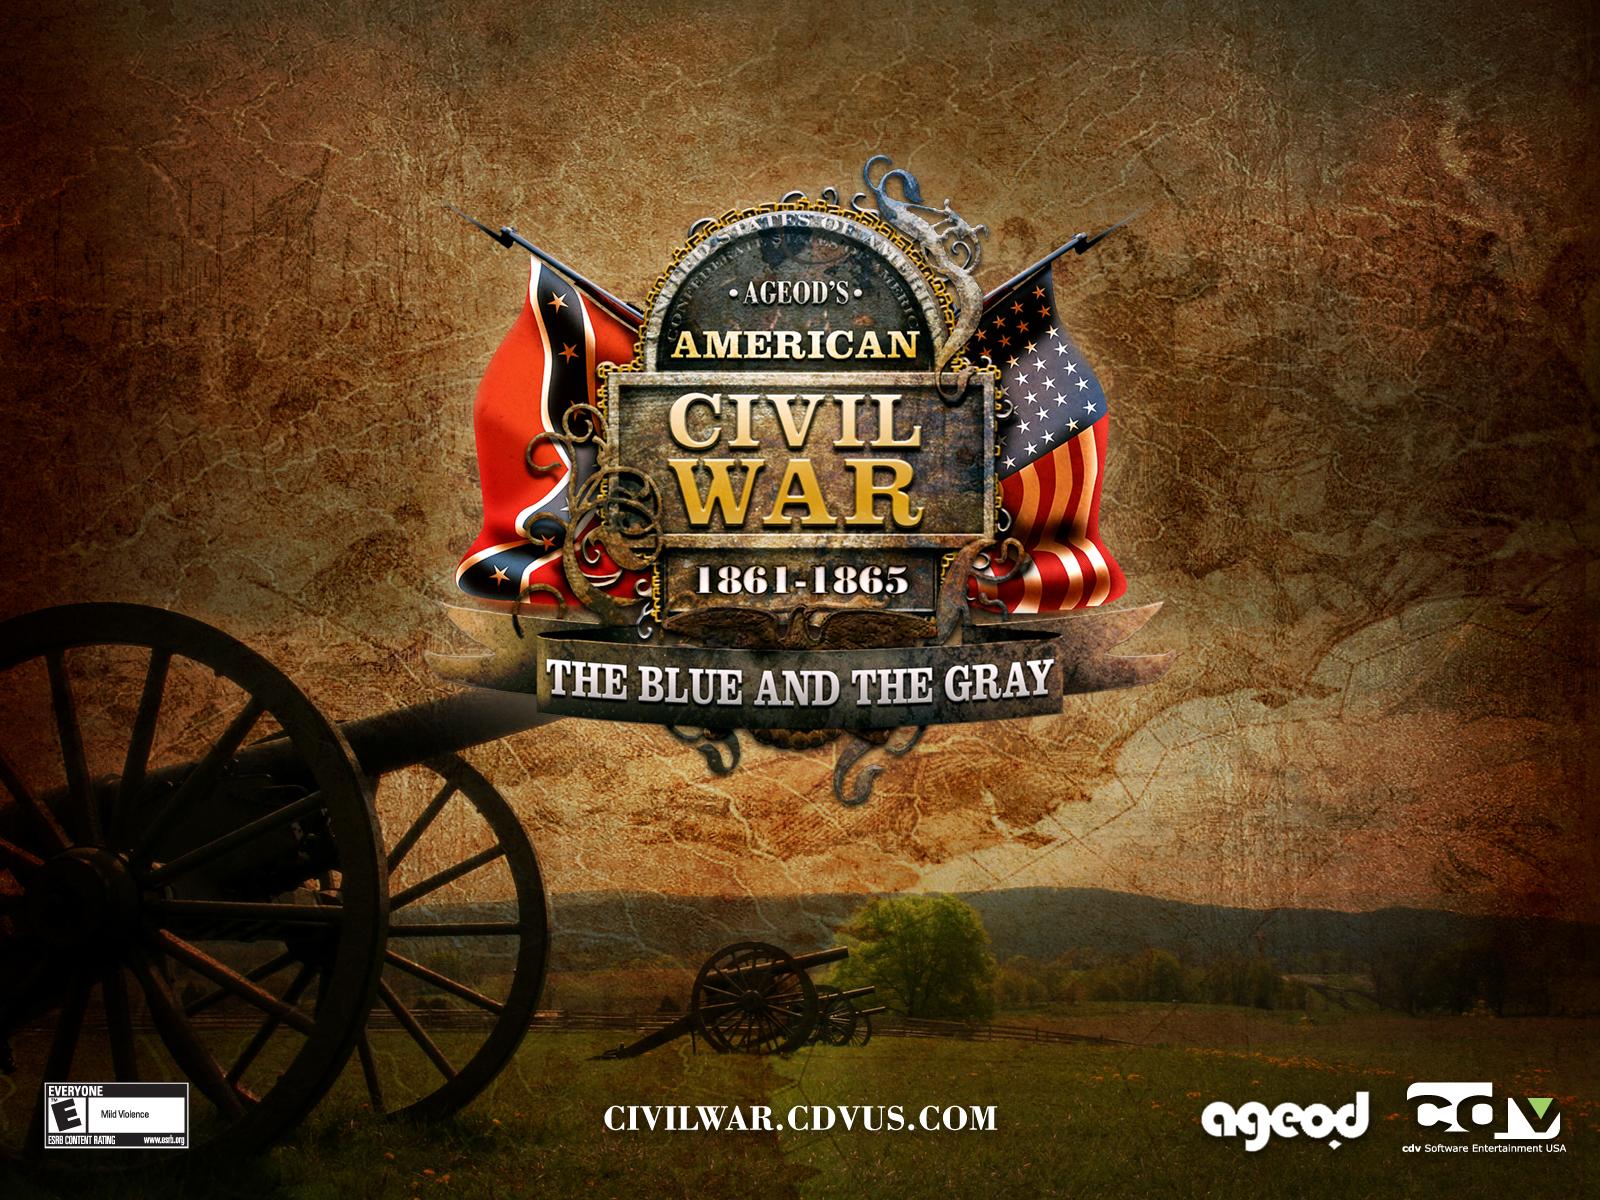 Civil War Wallpaper Marvel Comics Wallpapers 1024x768 Pictures 1600x1200